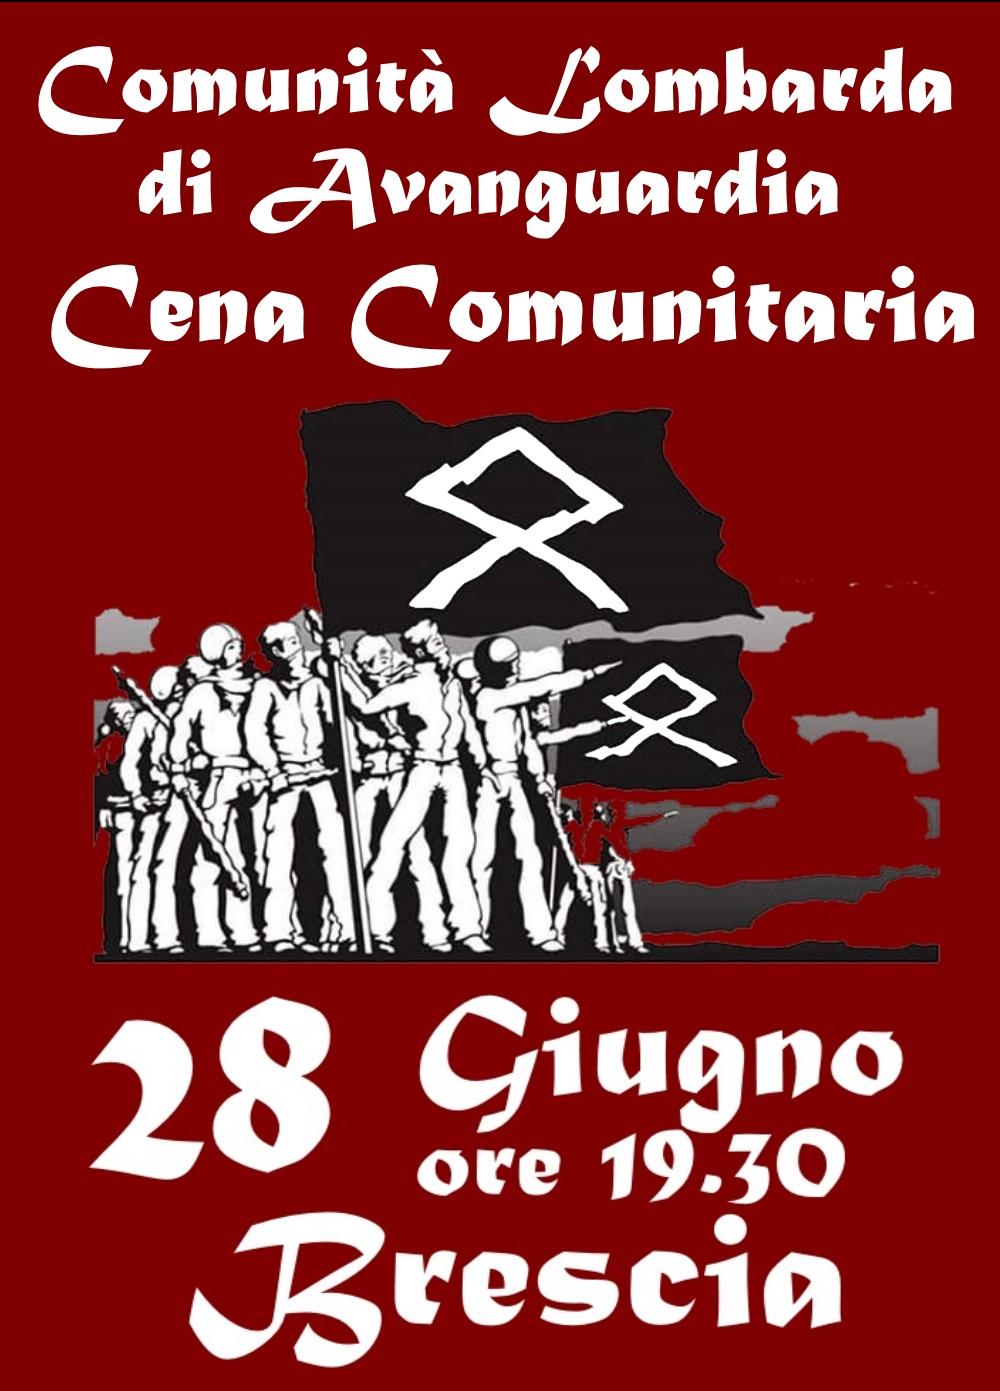 CENA COMUNITARIA - BRESCIA